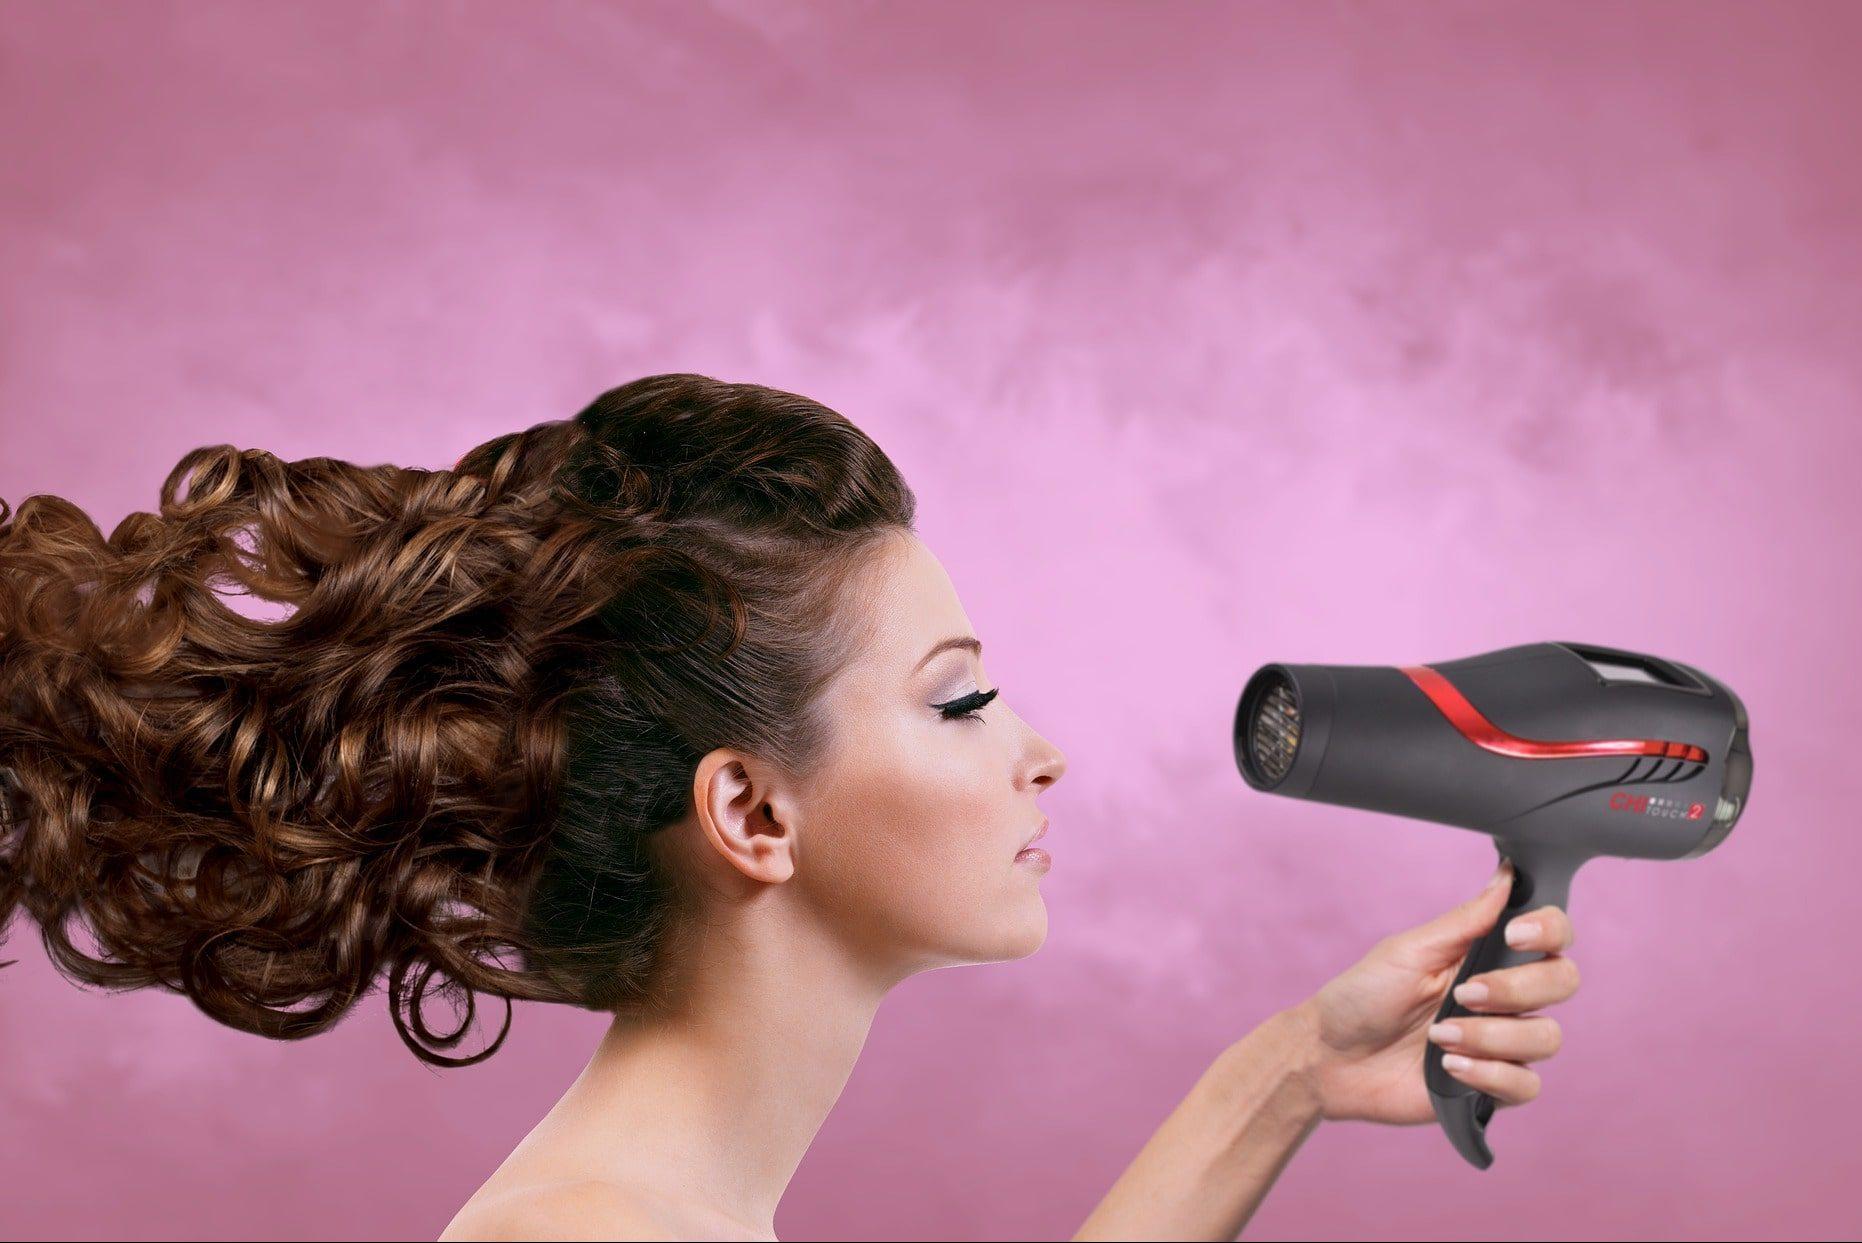 Belleza: ¿Cuál es el mejor difusor de pelo rizado?